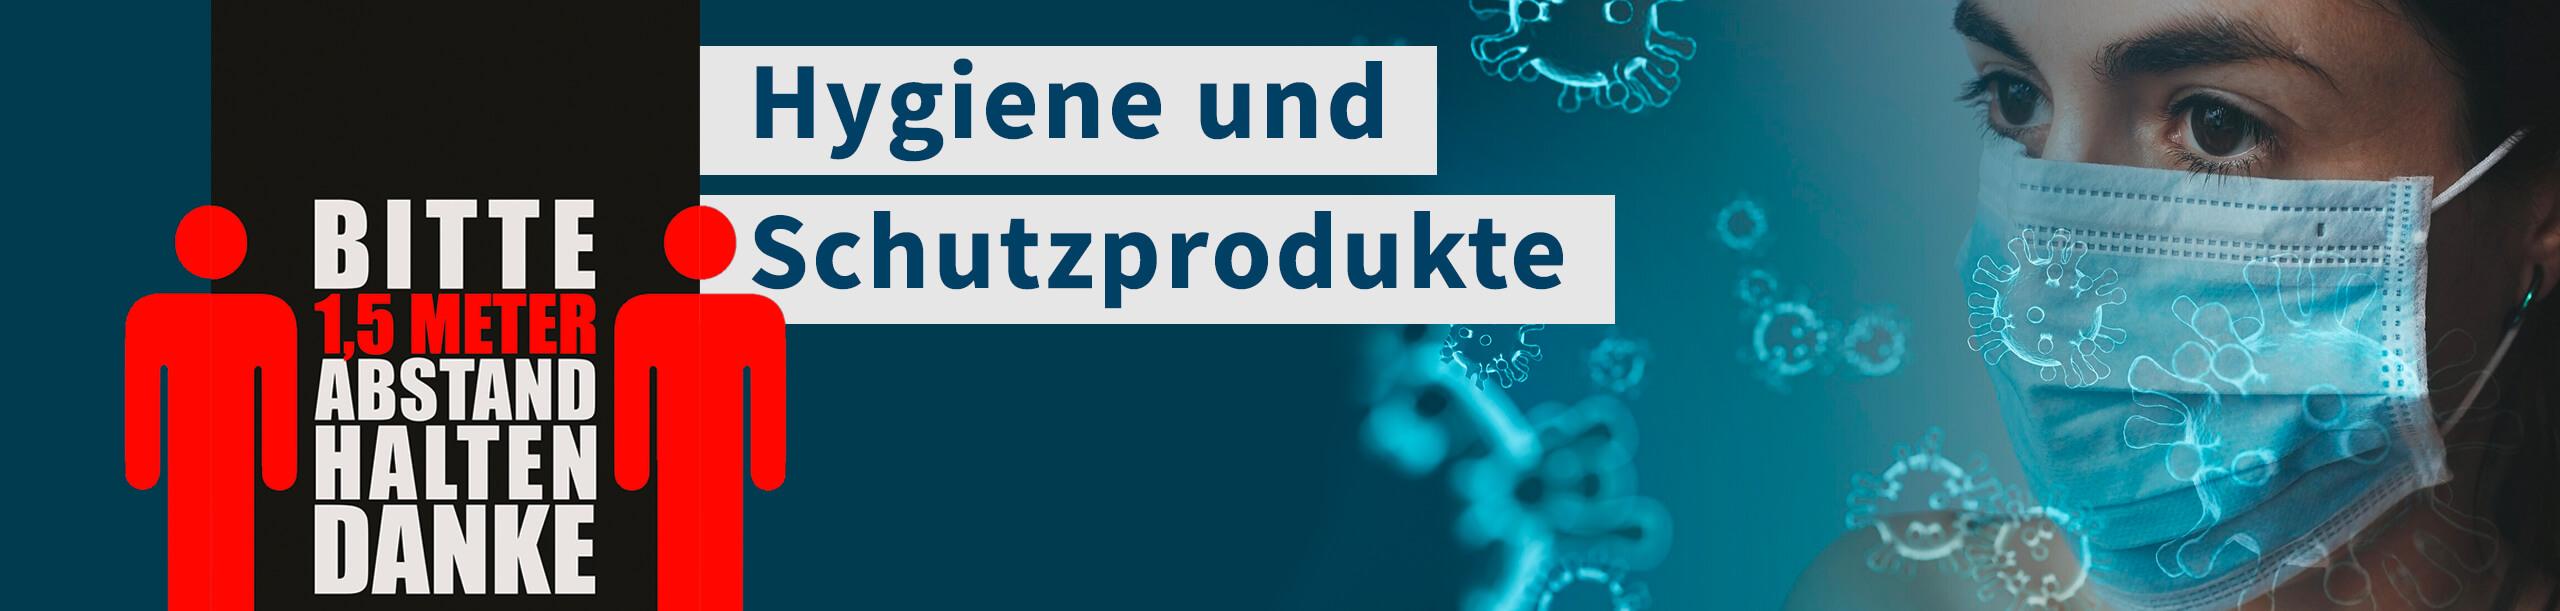 Hygiene und Schutzprodukte